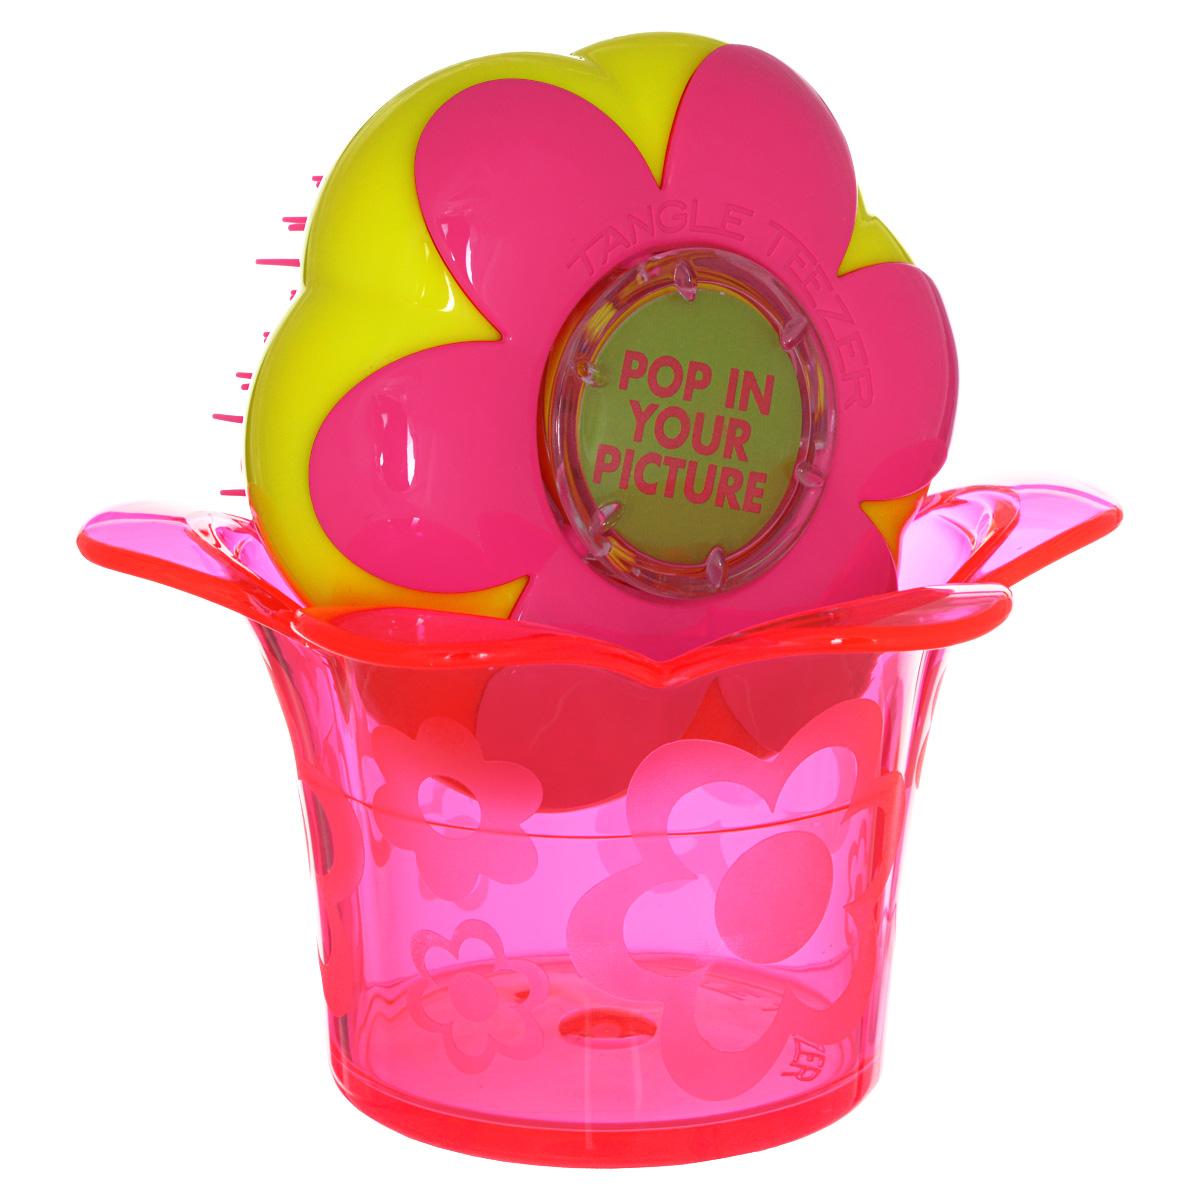 Tangle Teezer Расческа для волос Magic Flowerpot. Princess PinkFP-PR-011212Детская распутывающая чудо-расческа Tangle Teezer Magic Flowerpot Princess Pink идеально подходит для всех типов волос. Оригинальная форма зубчиков обеспечивает двойное действие и позволяет быстро и безболезненно расчесать влажные и сухие волосы, не нарушая структуру детских волос. Подходит детям от 3-х лет. Благодаря эргономичному дизайну, расческу удобно держать в руках, не опасаясь выскальзывания. Расческа дополнена оригинальной подставкой, в которой можно хранить различные резиночки и заколочки. Товар сертифицирован.